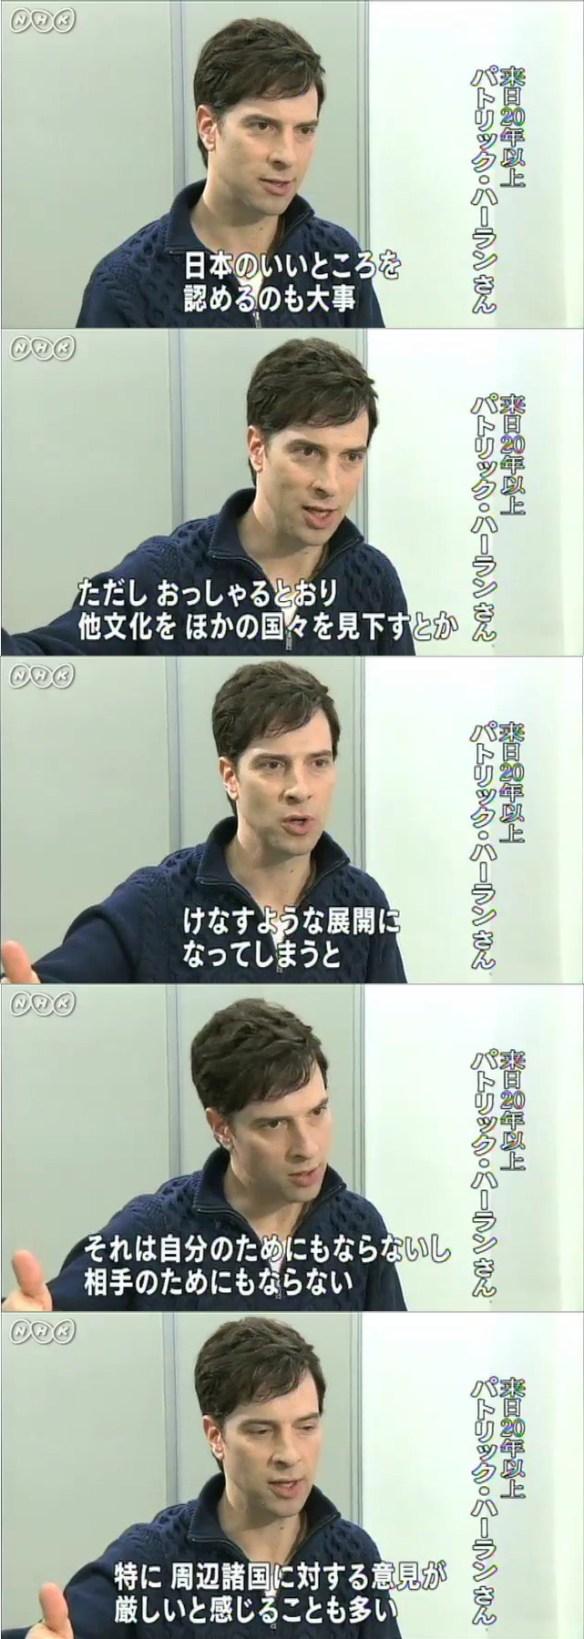 【動画・画像あり】ハーバード大卒パックン「日本人は周辺国を極端に見下している」